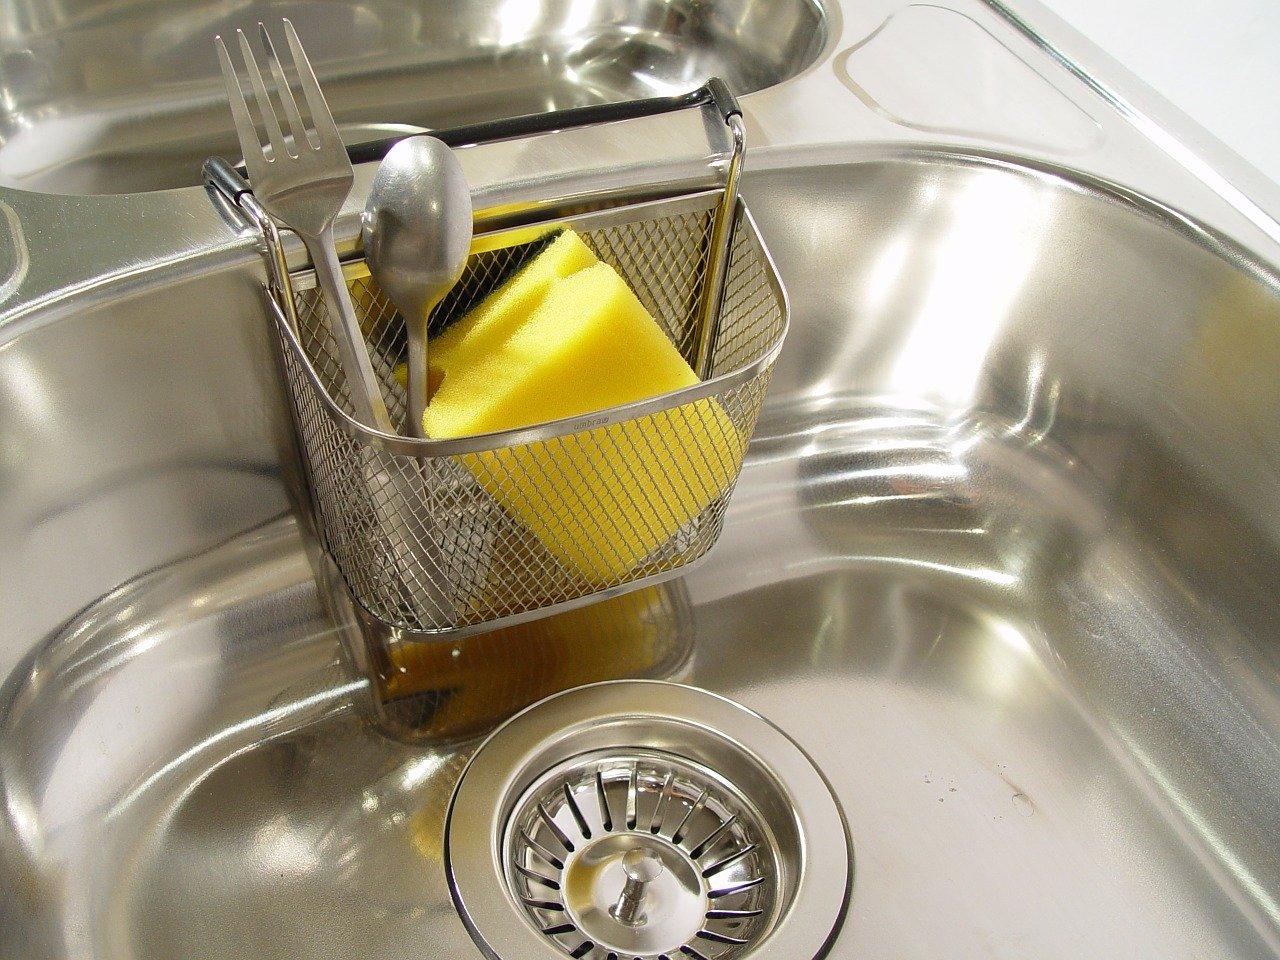 Umidità In Casa Rimedi Della Nonna rimedi per pulire il lavello in acciaio - i rimedi della nonna